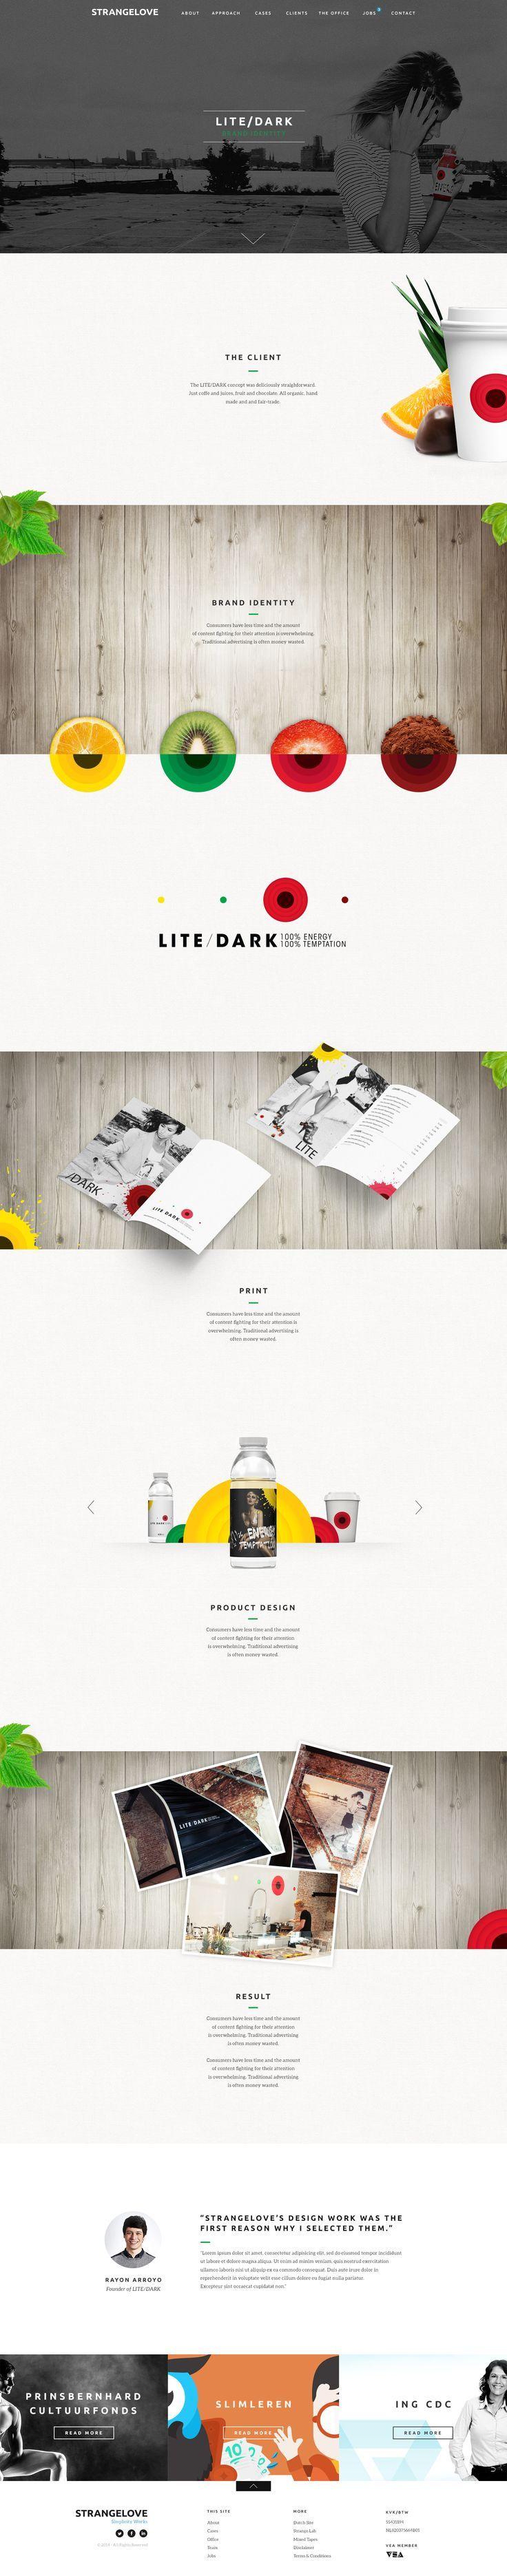 Unique Web Design: